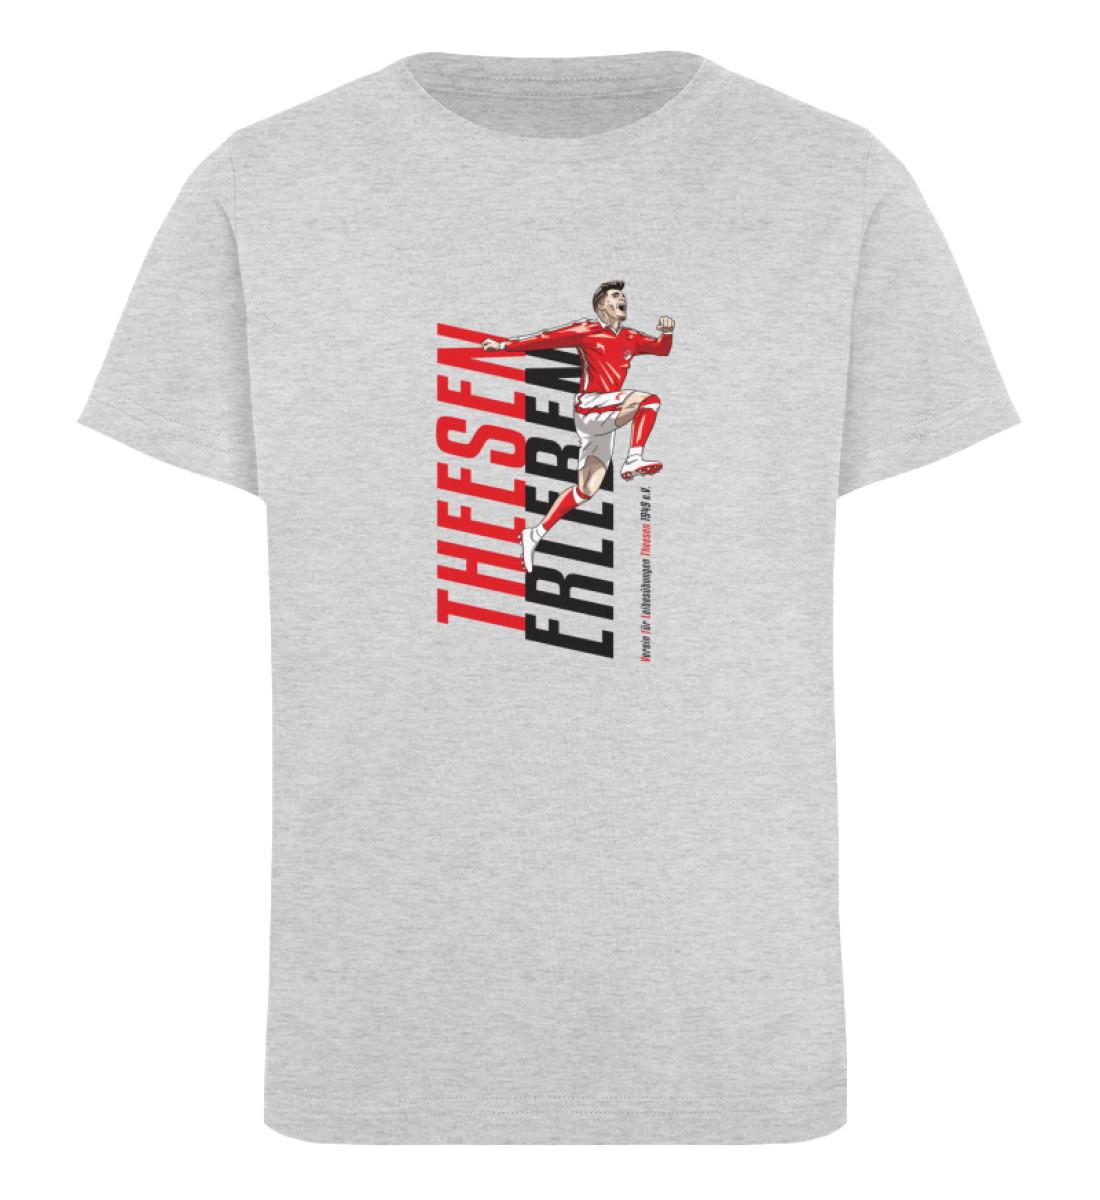 Theesen erleben - Kinder Organic T-Shirt-6892